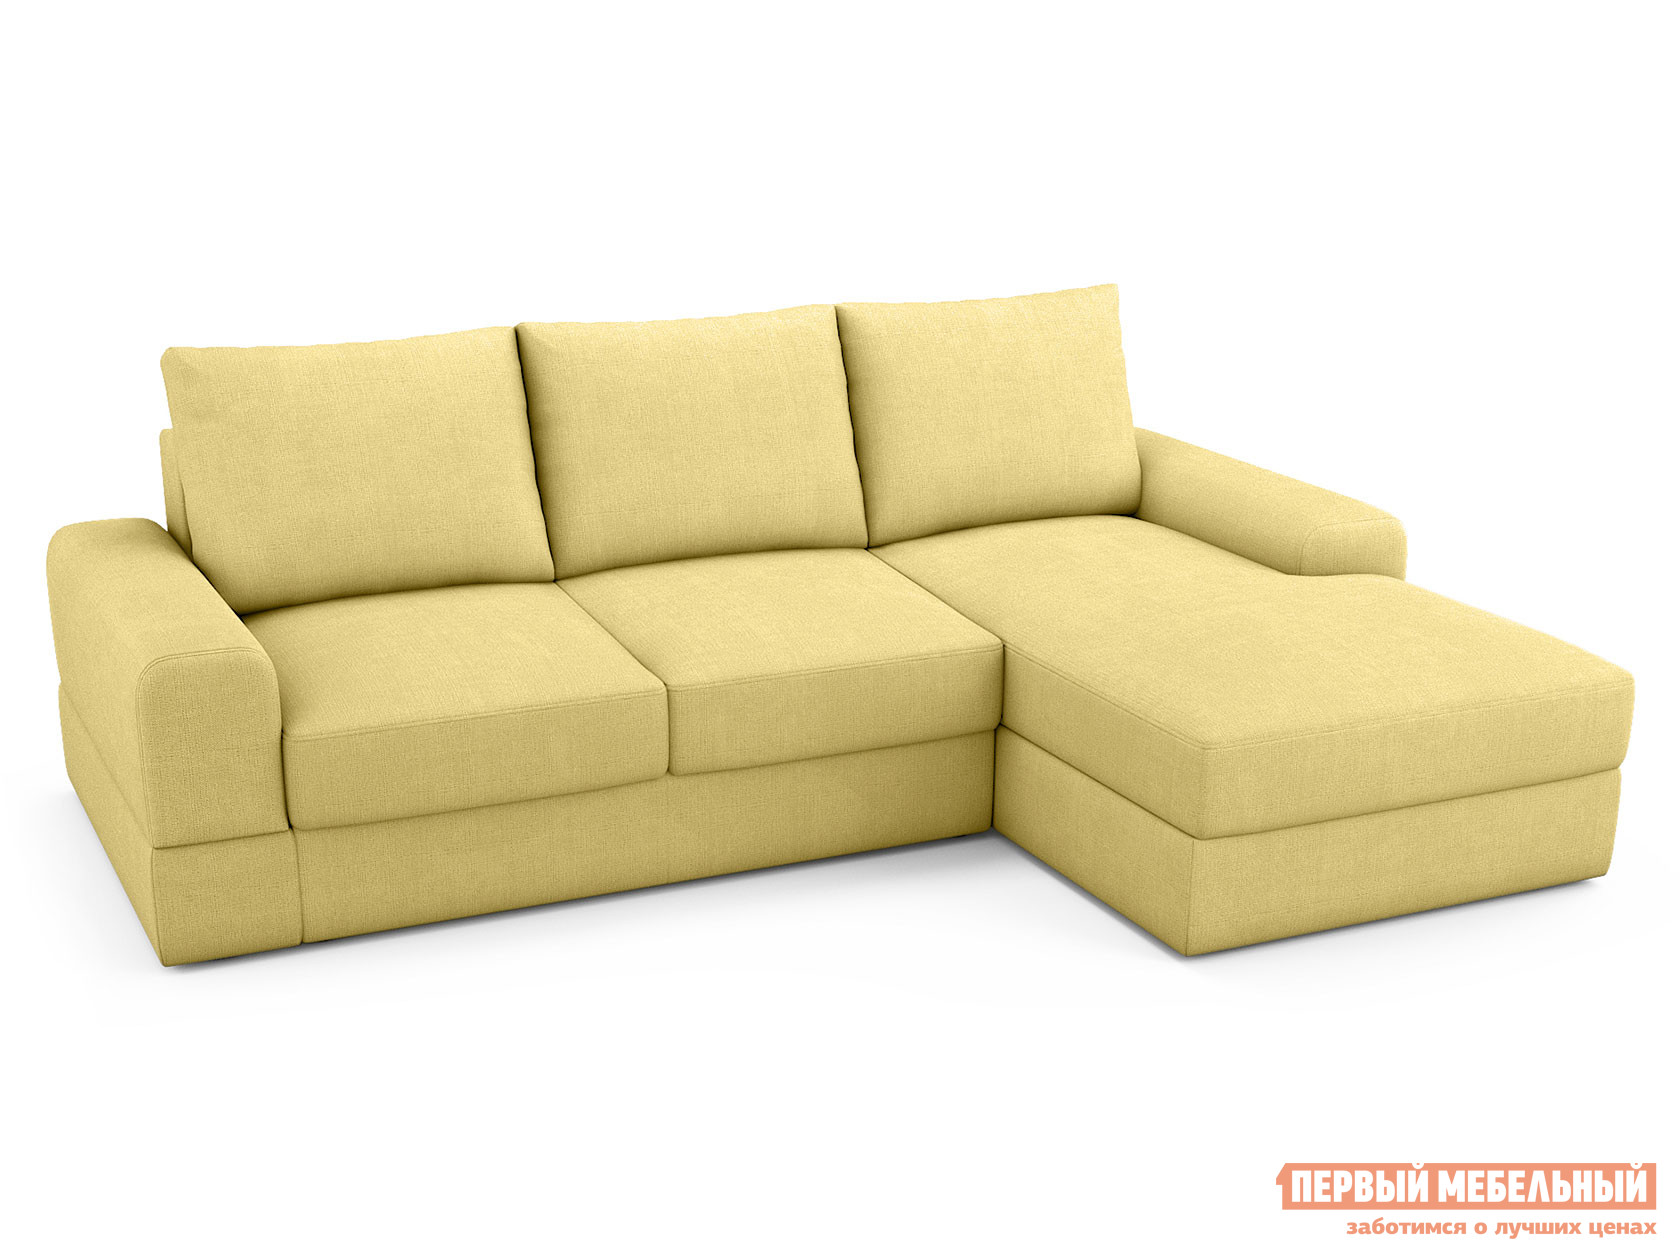 Угловой диван Первый Мебельный Угловой диван Эдинбург У чехол для углового дивана первый мебельный чехол на диван угловой стамбул